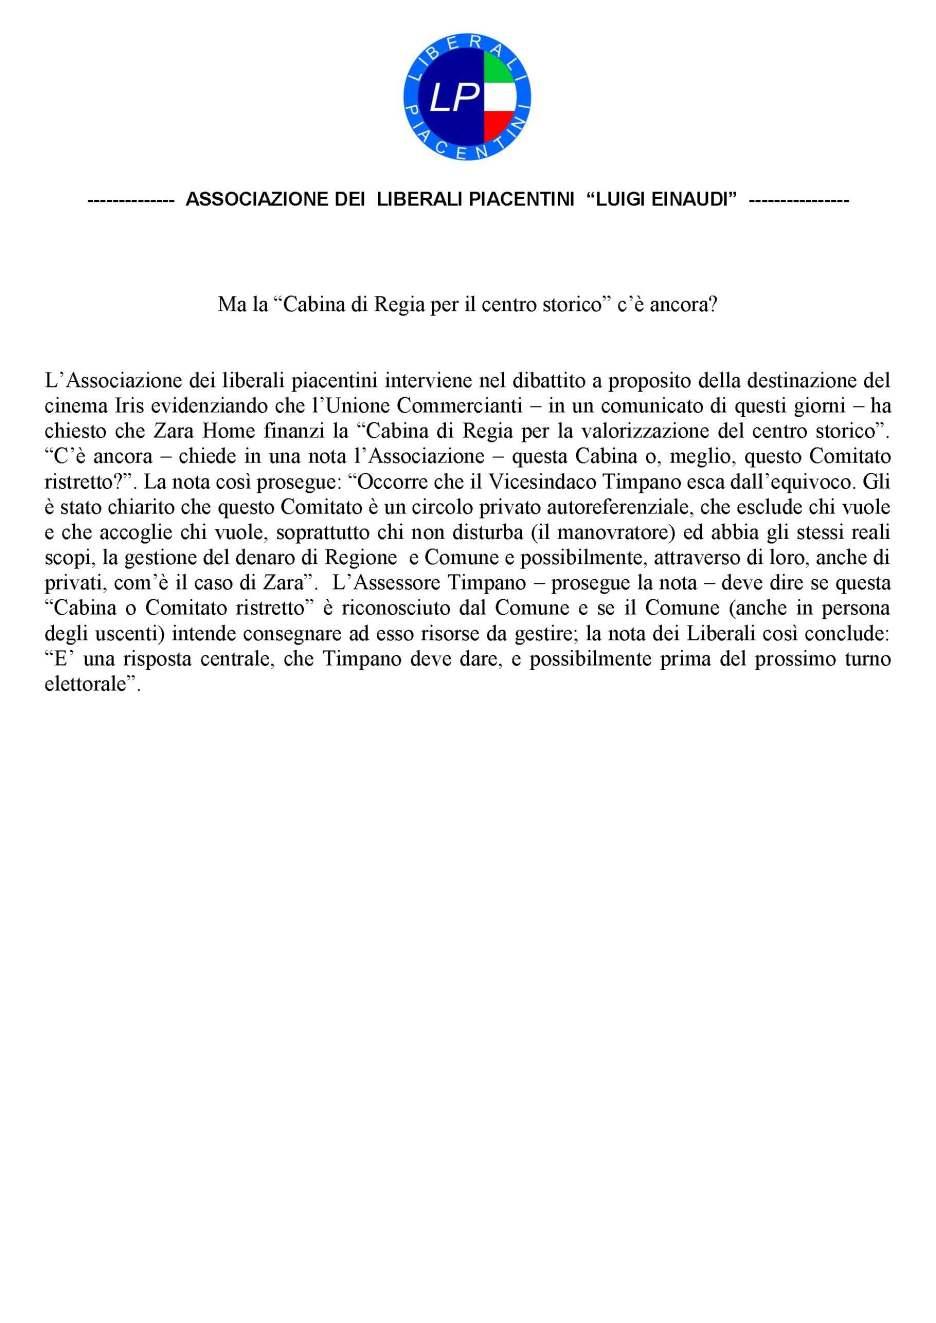 comunicato-06-02-2017-ma-la-cabina-di-regia-ce-ancora_pagina_1